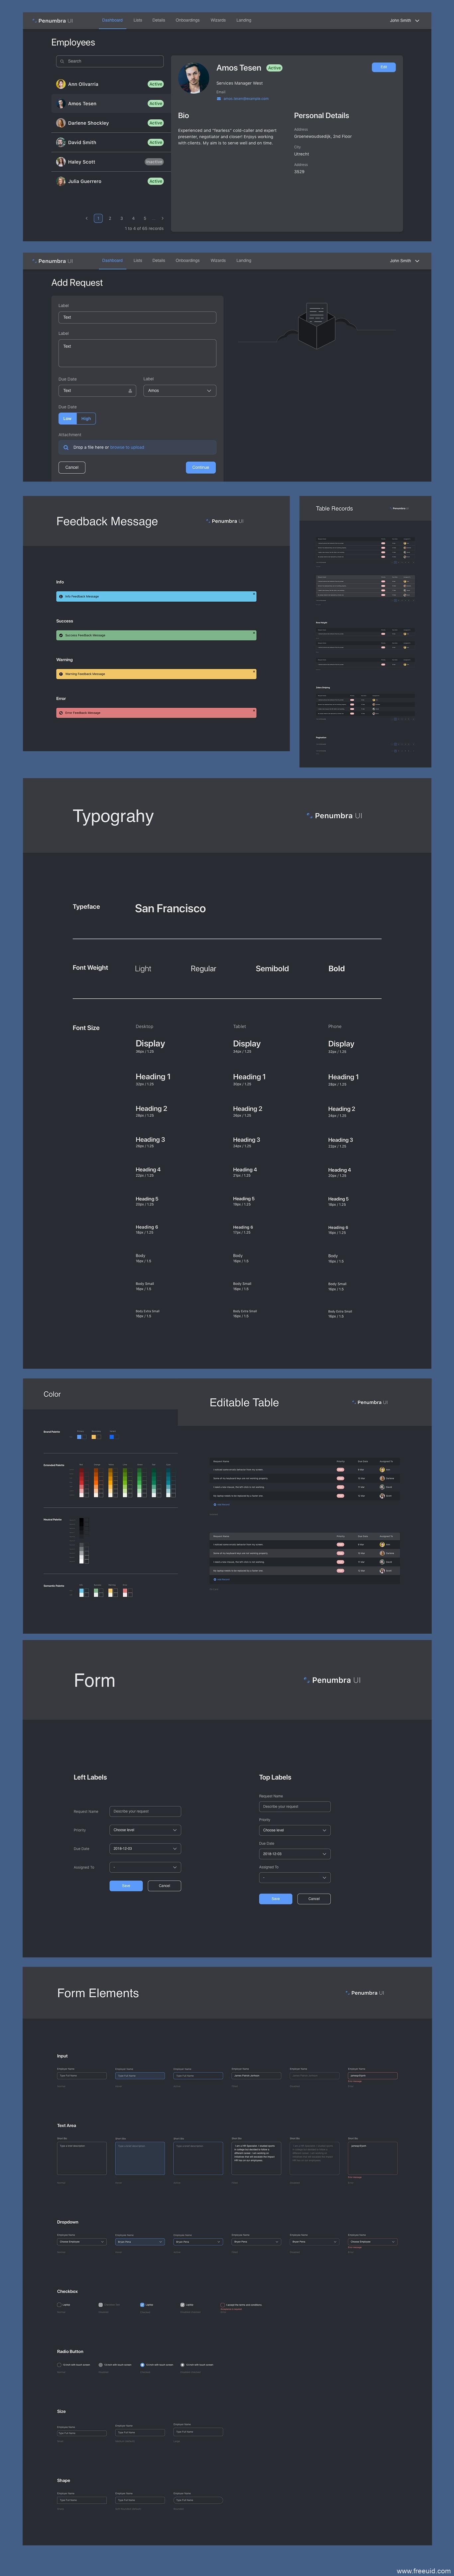 暗黑系超全UI kit含字体(手机端、PC端)sketch源文件下载